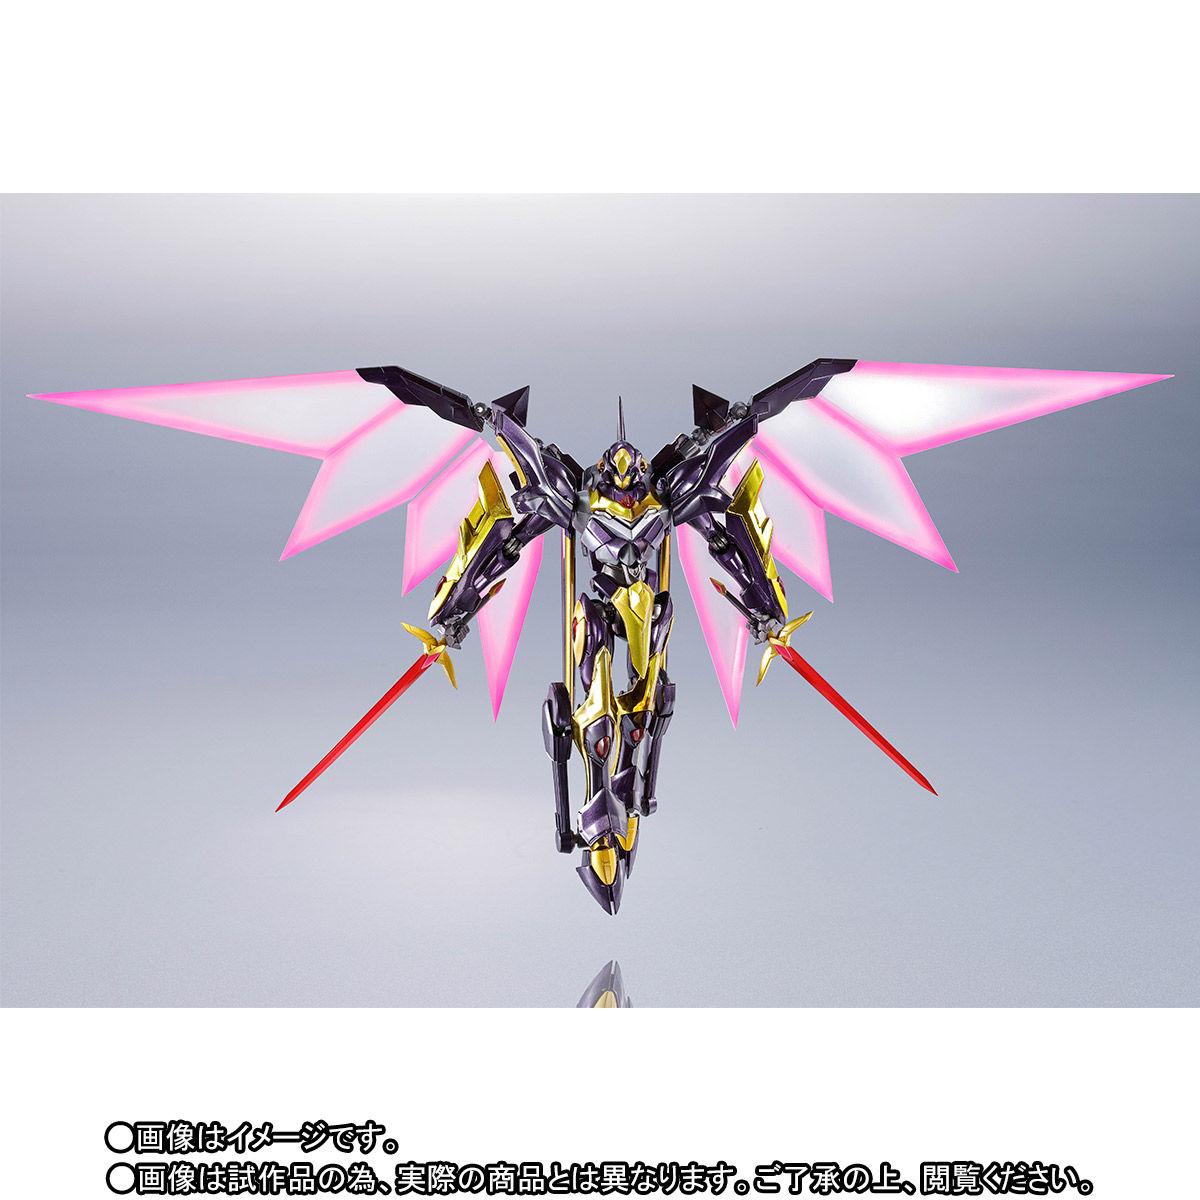 METAL ROBOT魂〈SIDE KMF〉『ランスロット・アルビオン ゼロ』コードギアス 可動フィギュア-002